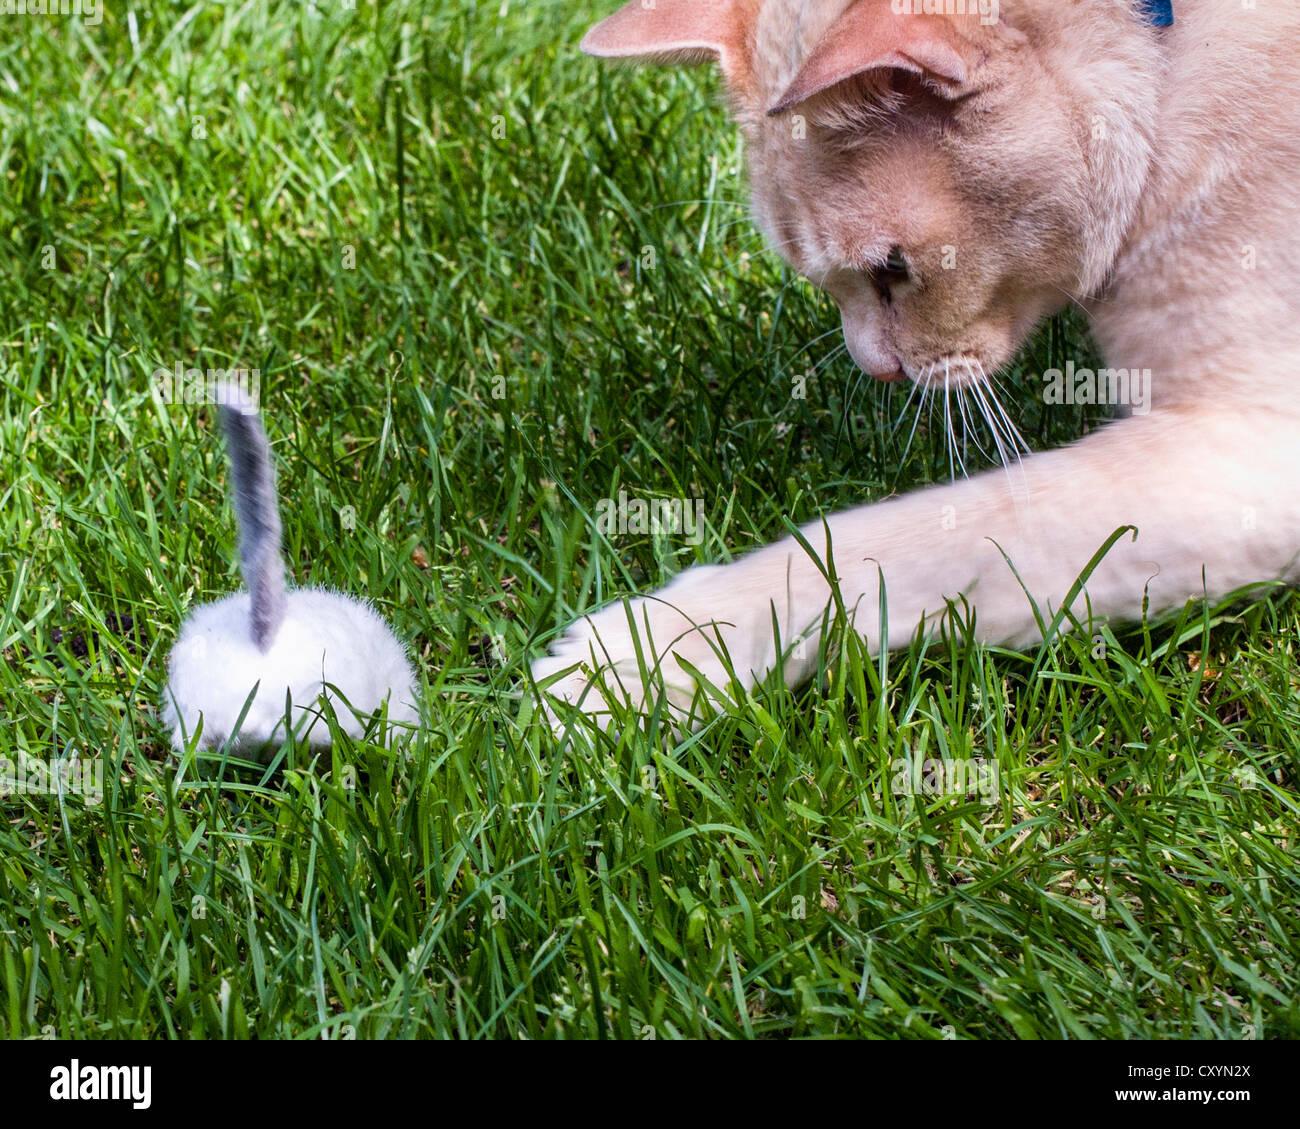 Red Burmese Cat spielen mit einem Spielzeug Maus auf Gras Stockfoto